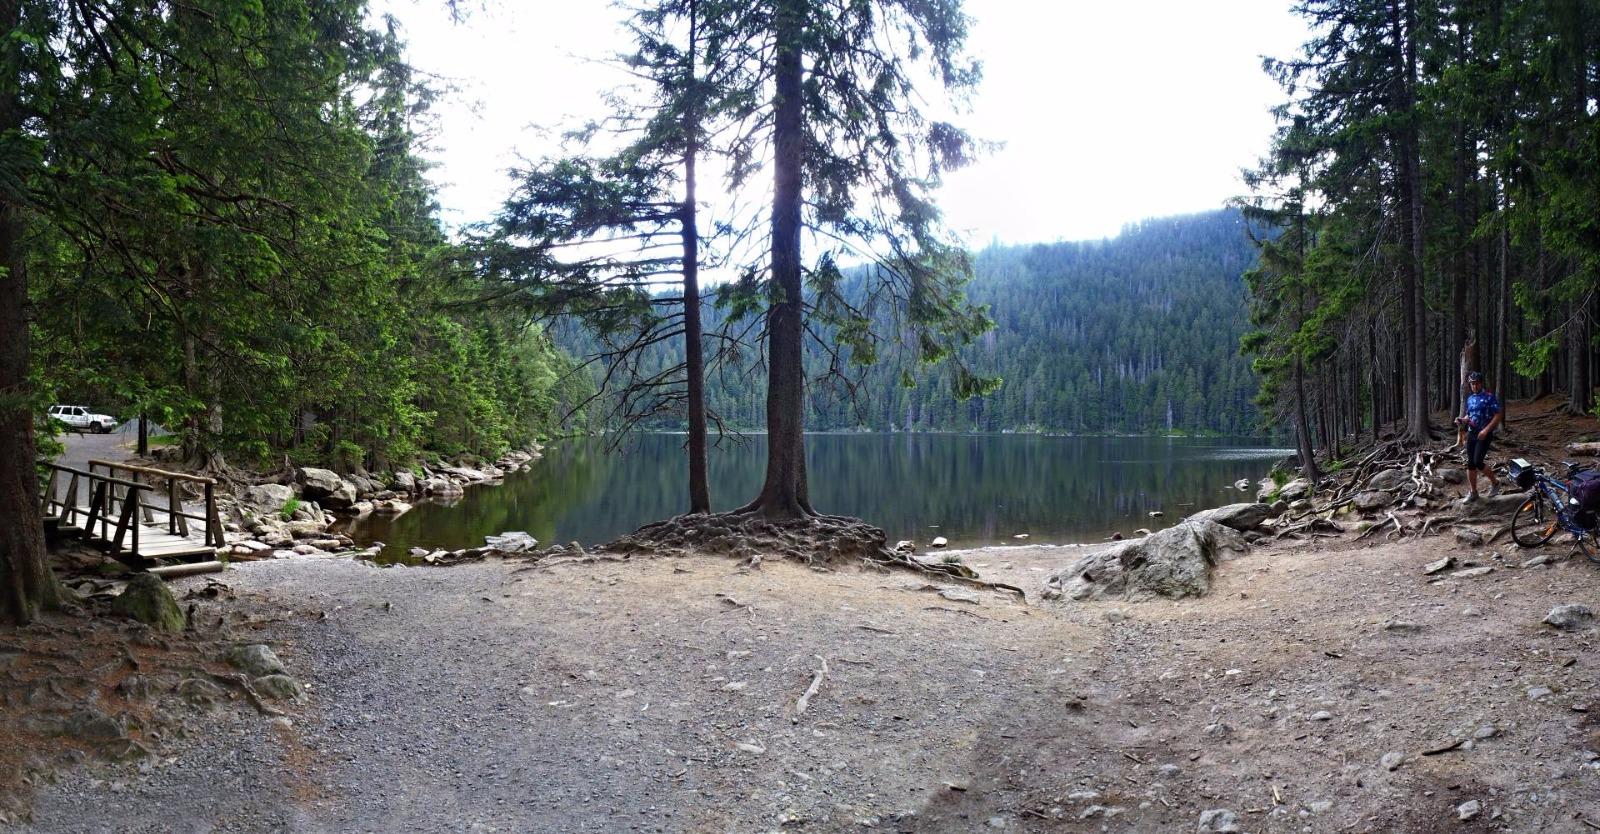 Teufels-See Böhmerwald